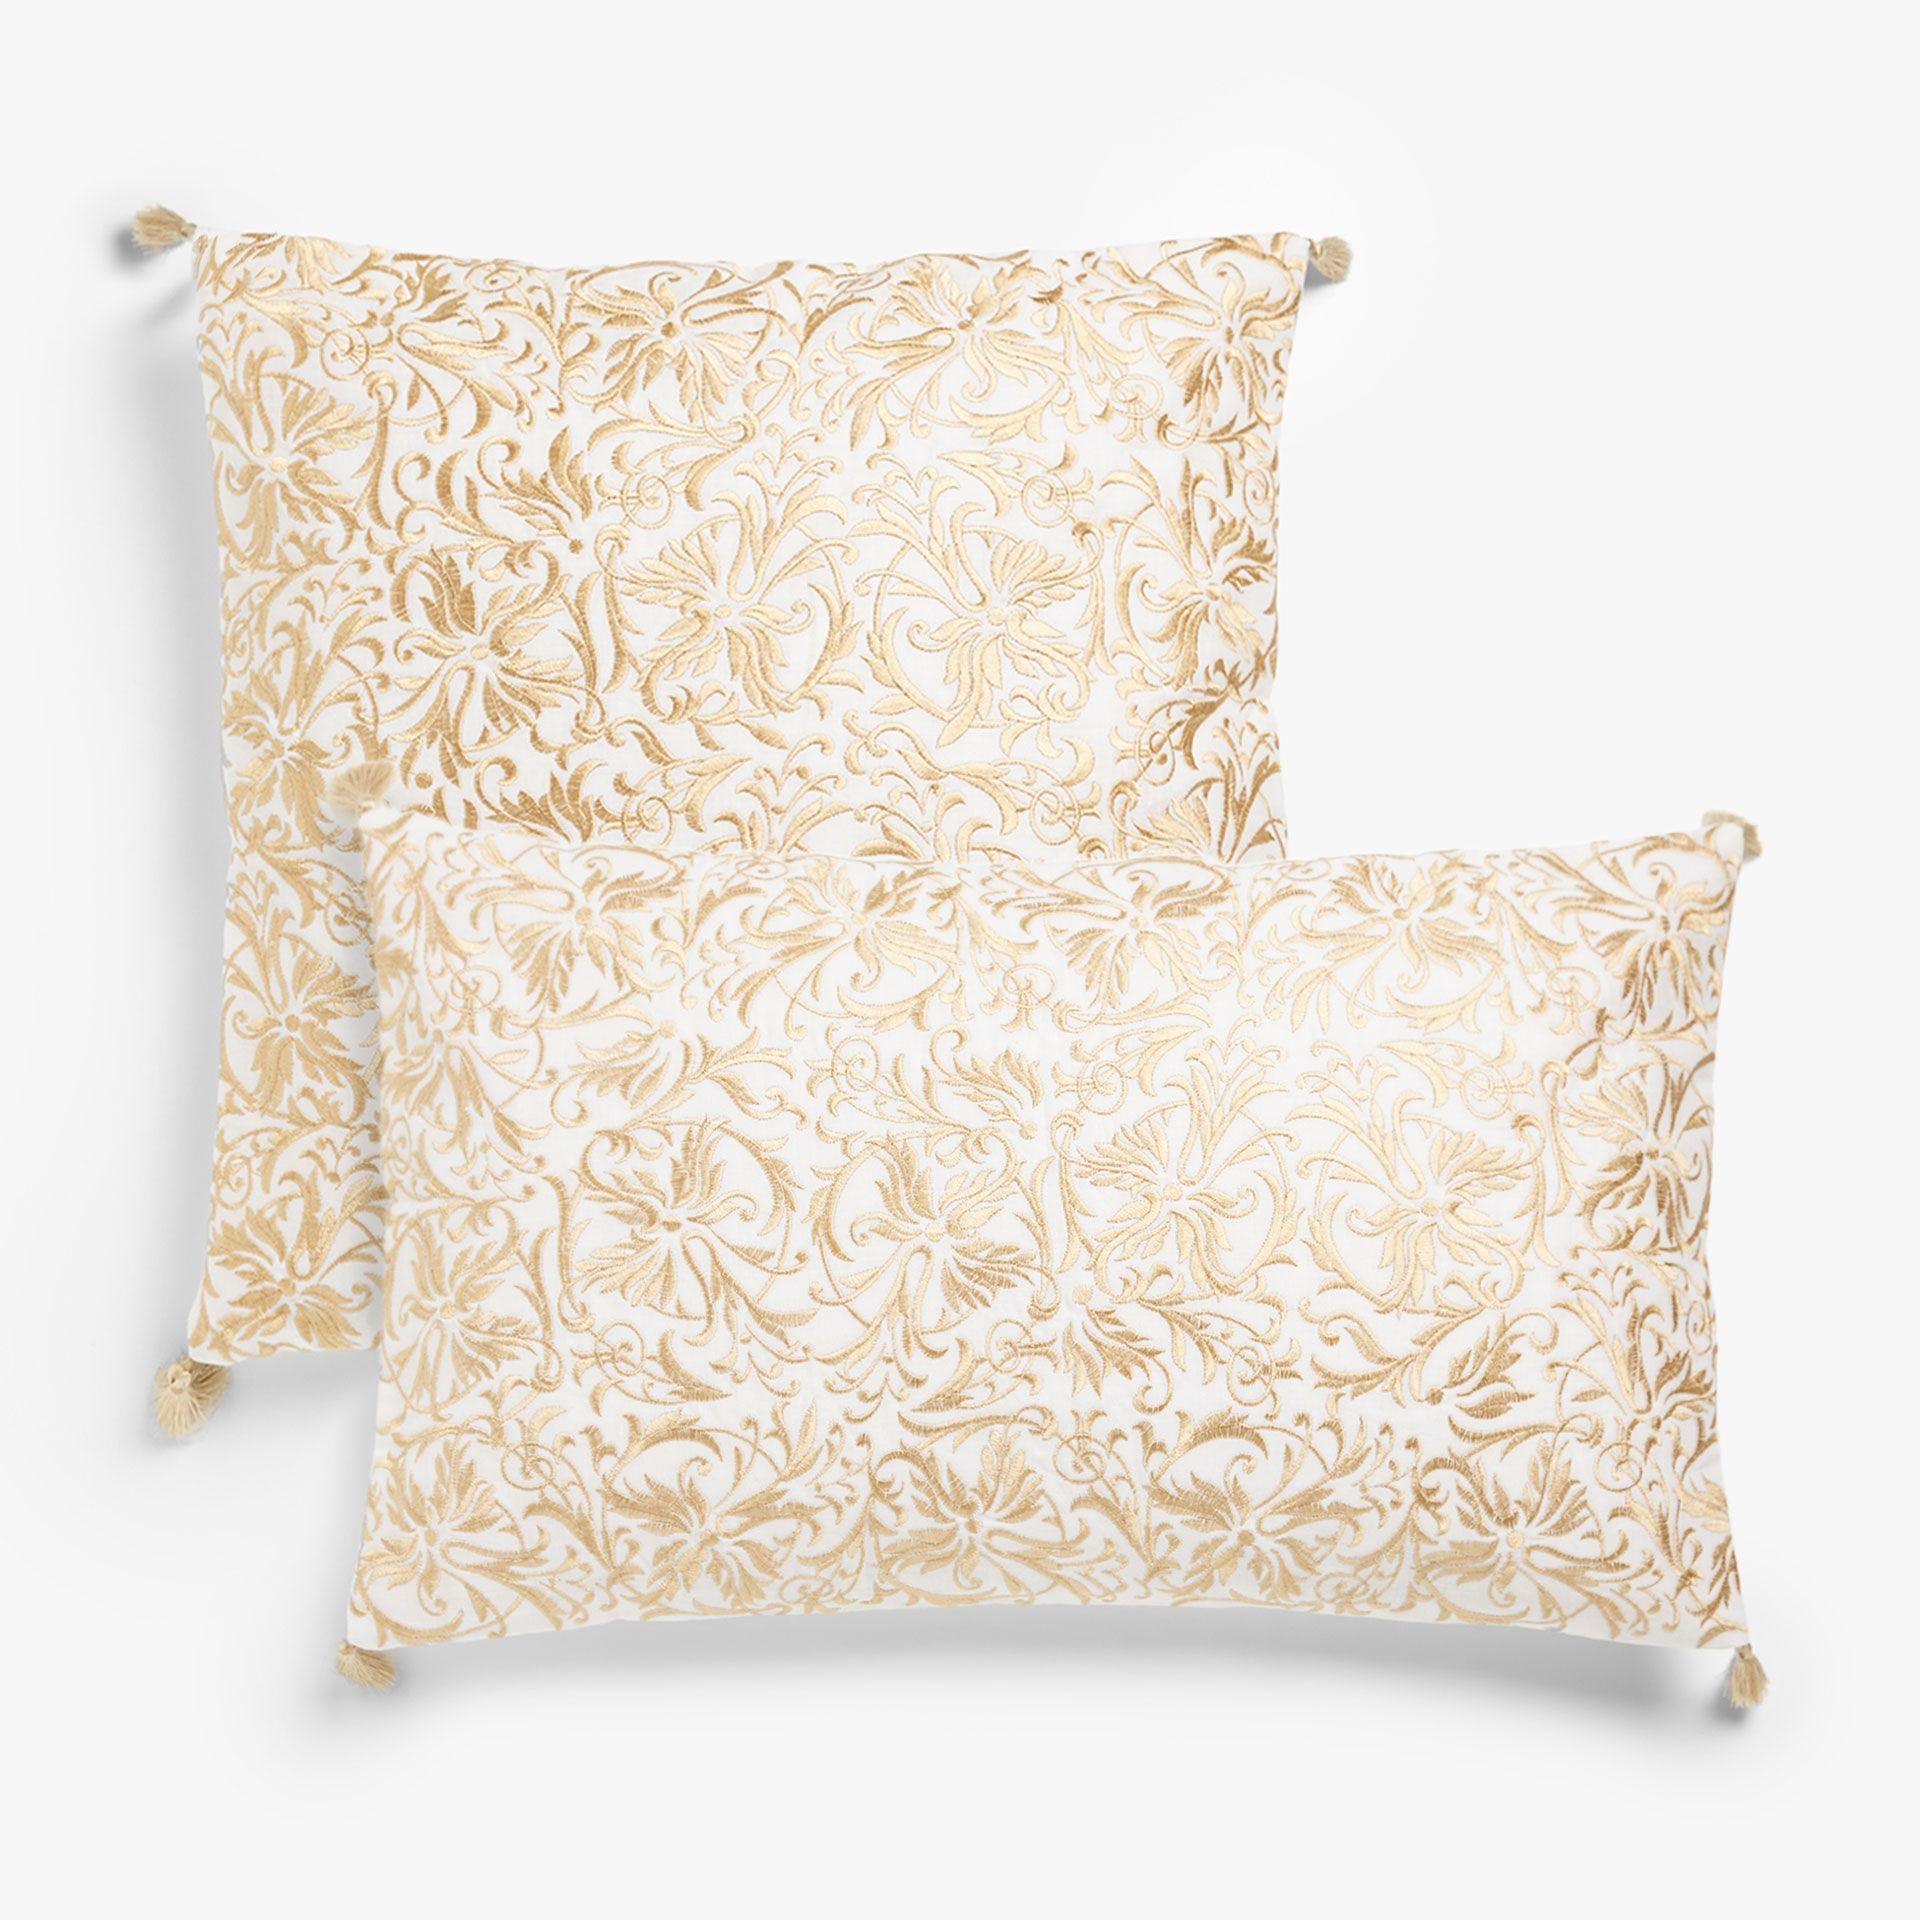 Εικόνα 1 του προϊόντος Κάλυμμα μαξιλαριού με χρυσαφί κέντημα